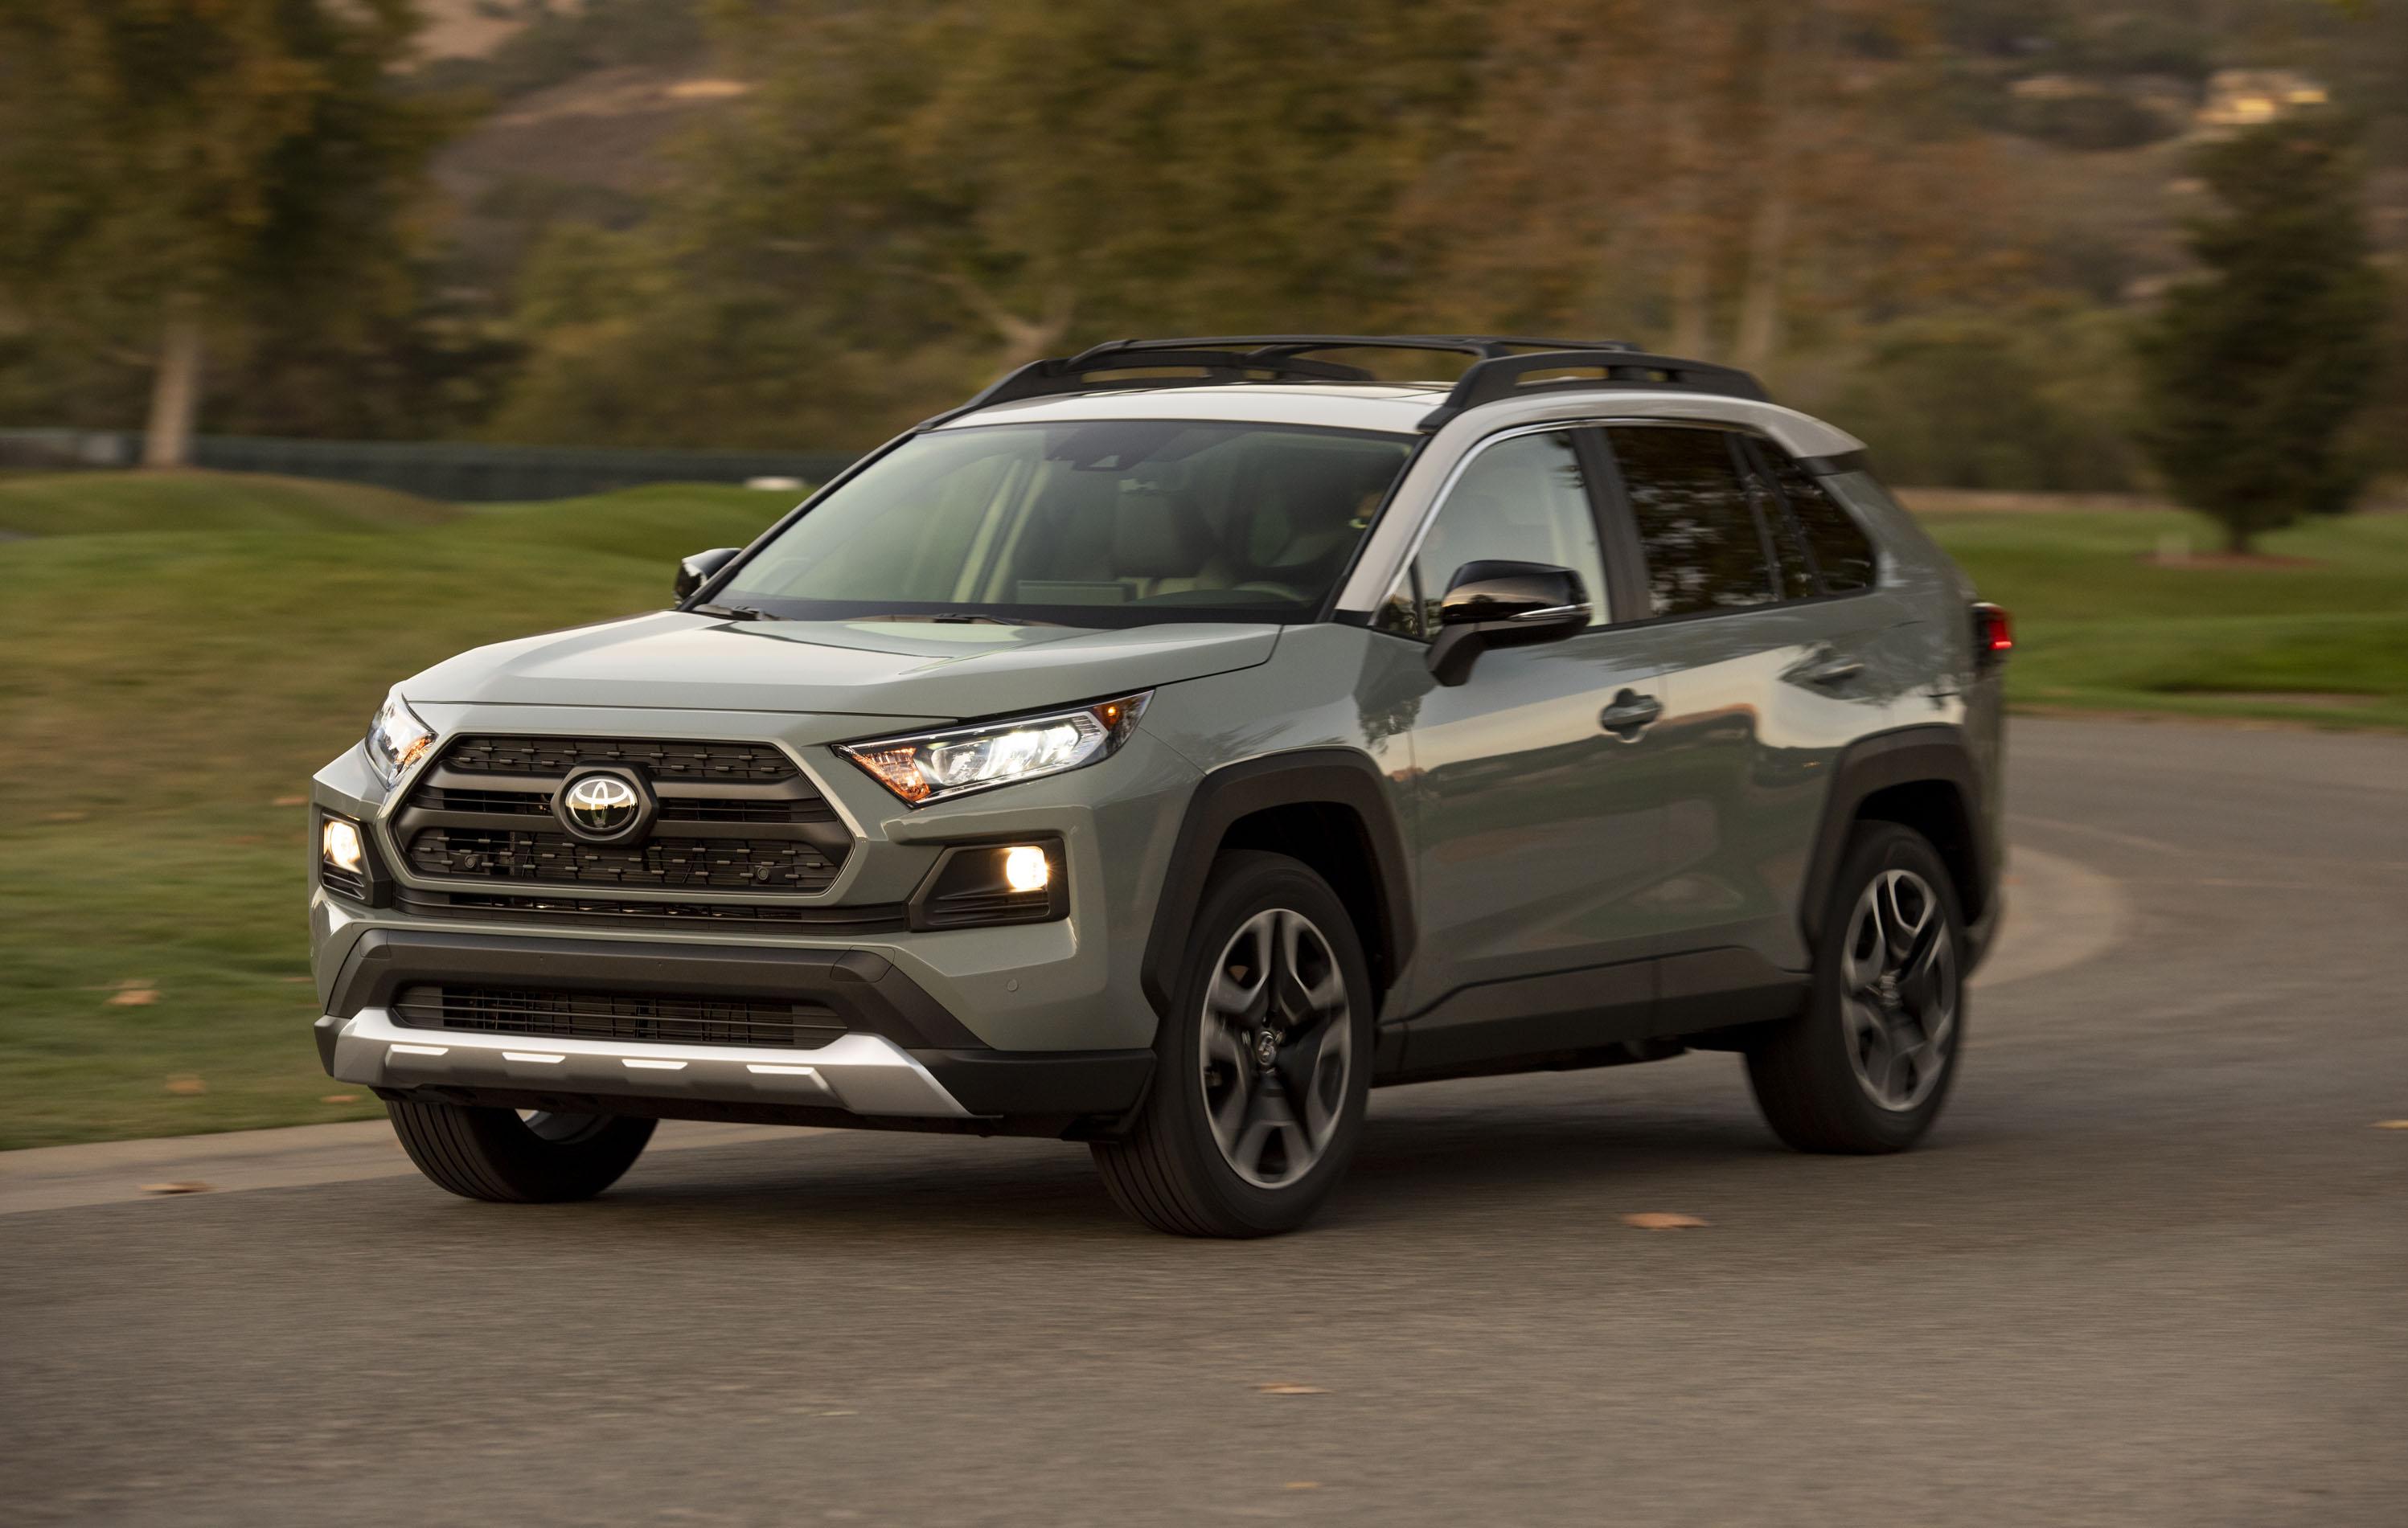 2019 Ford Escape Vs 2019 Toyota Rav4 Compare Crossovers